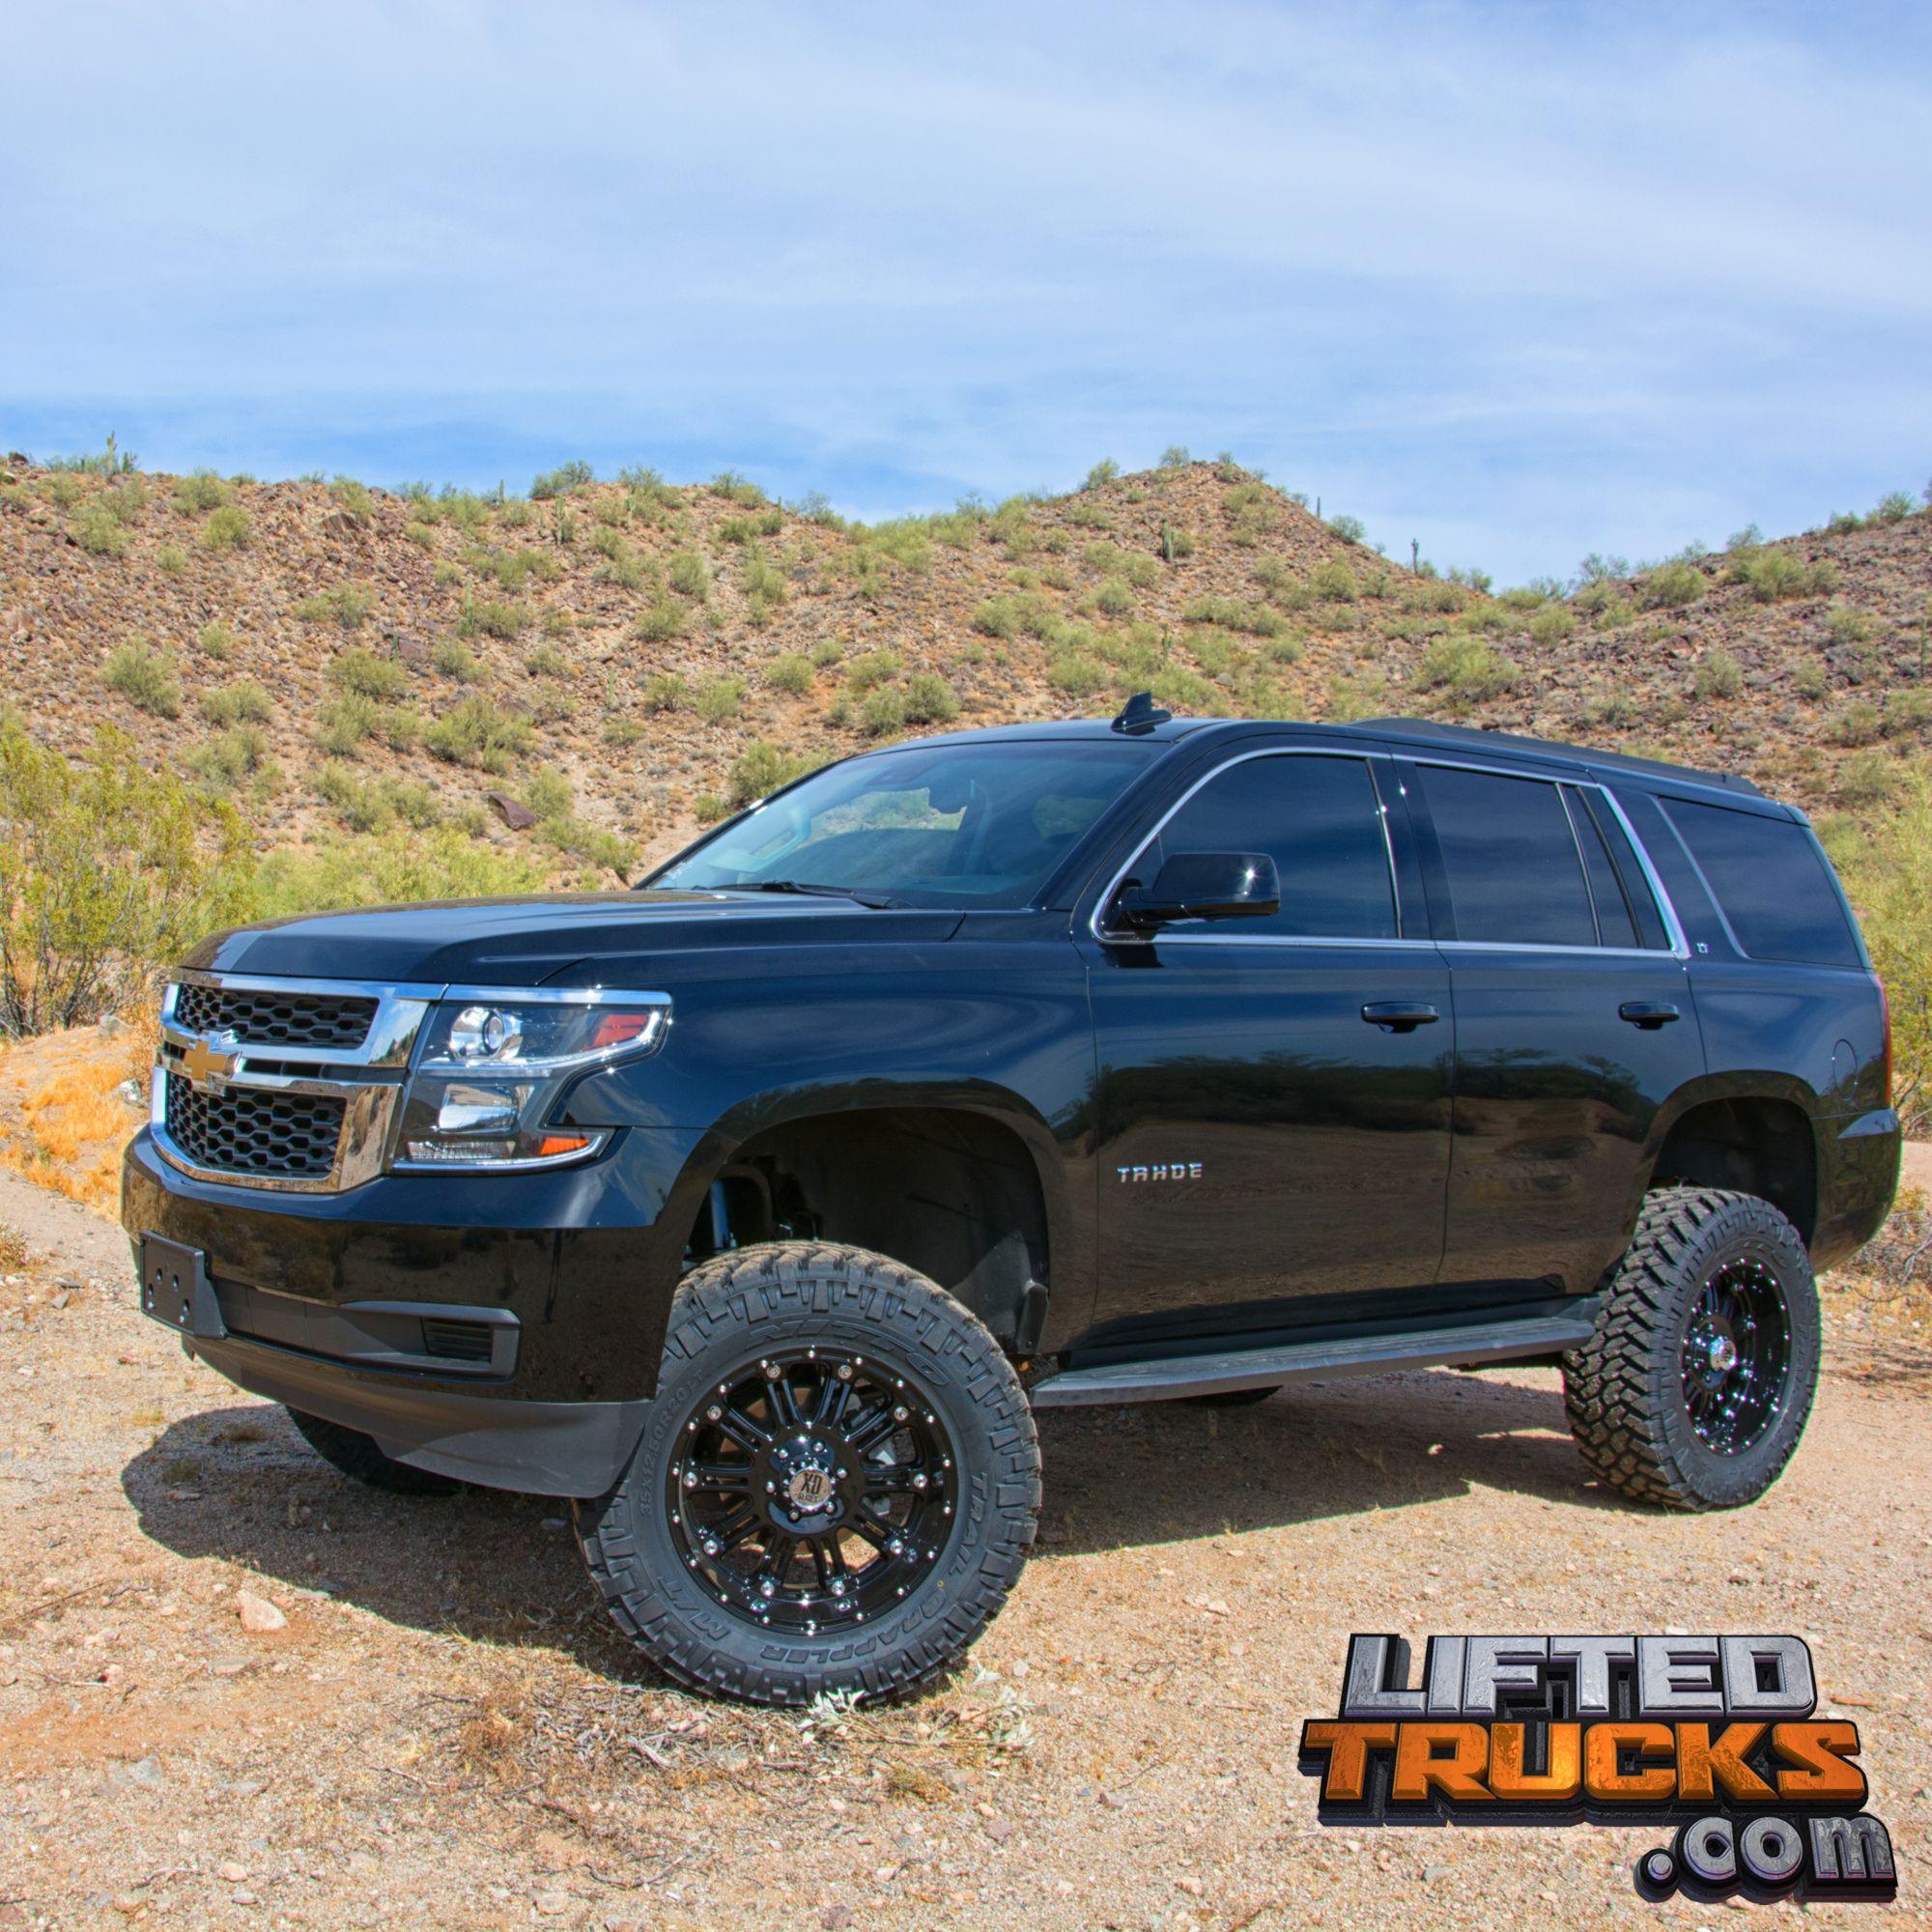 Used Gmc Diesel Pickup Trucks: Lifted Trucks Built Chevy Tahoe 4x4!